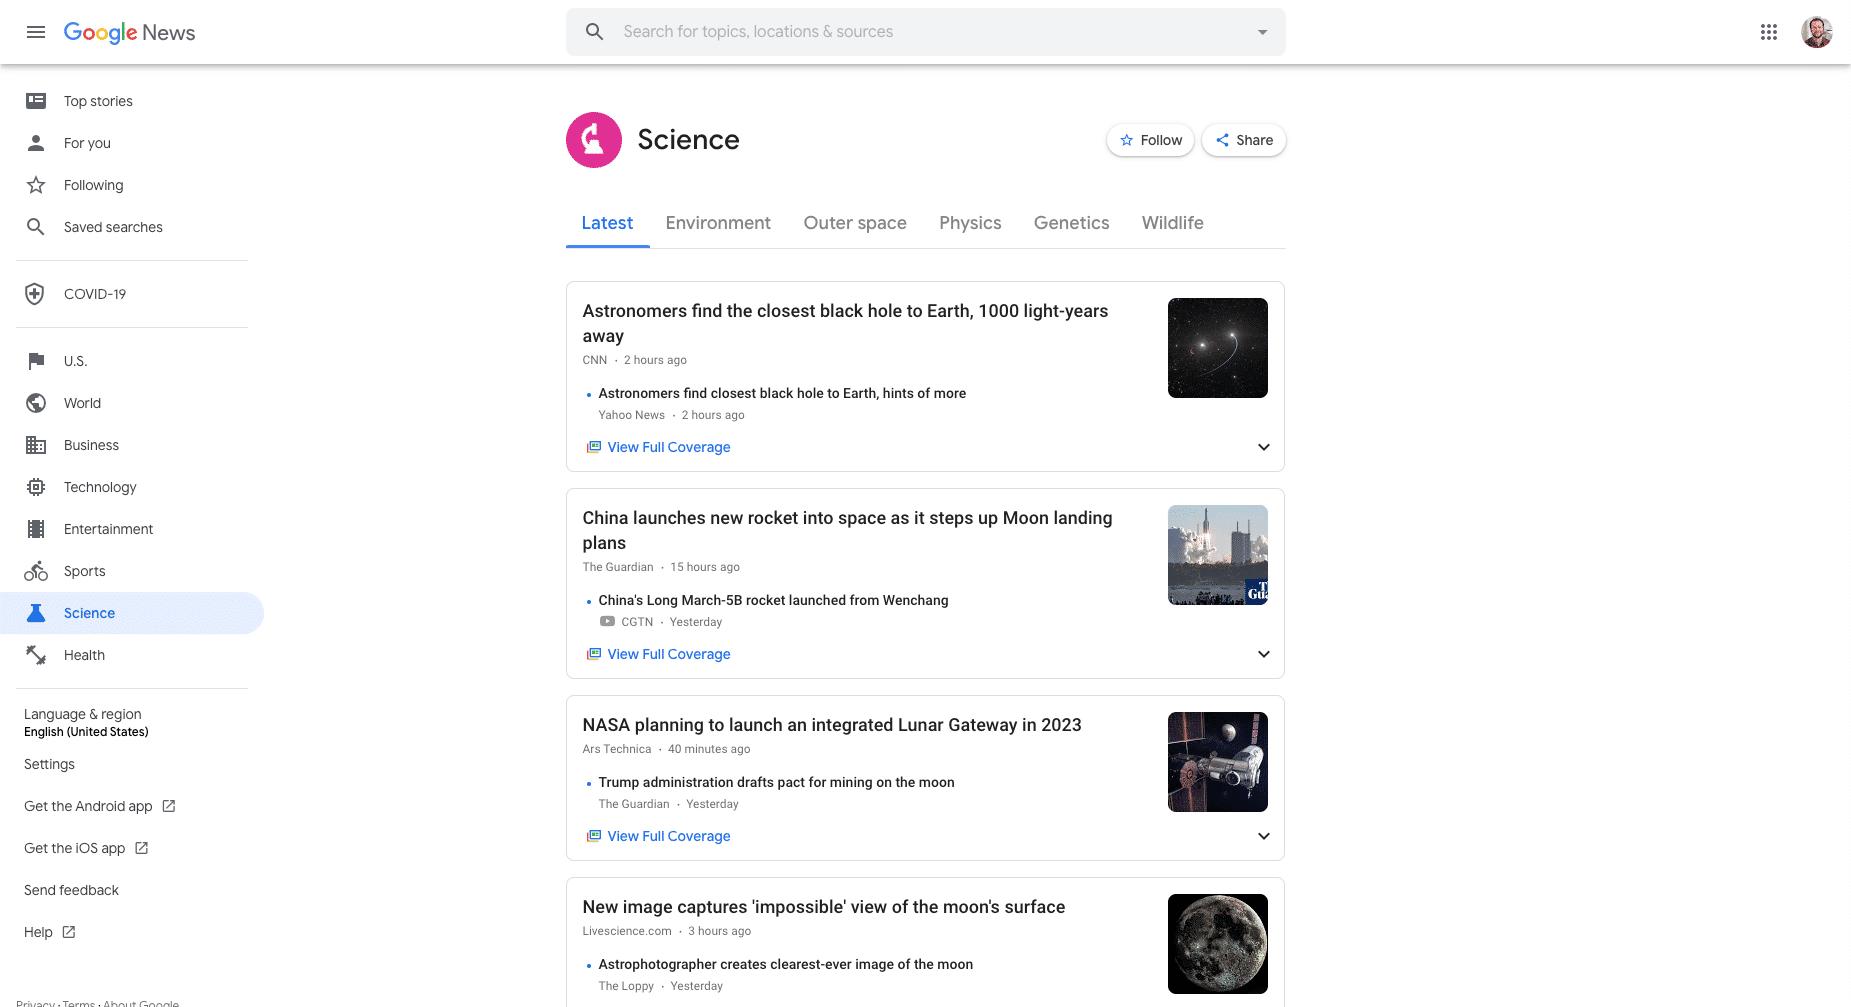 Uma página de exemplo de histórias científicas no Google News